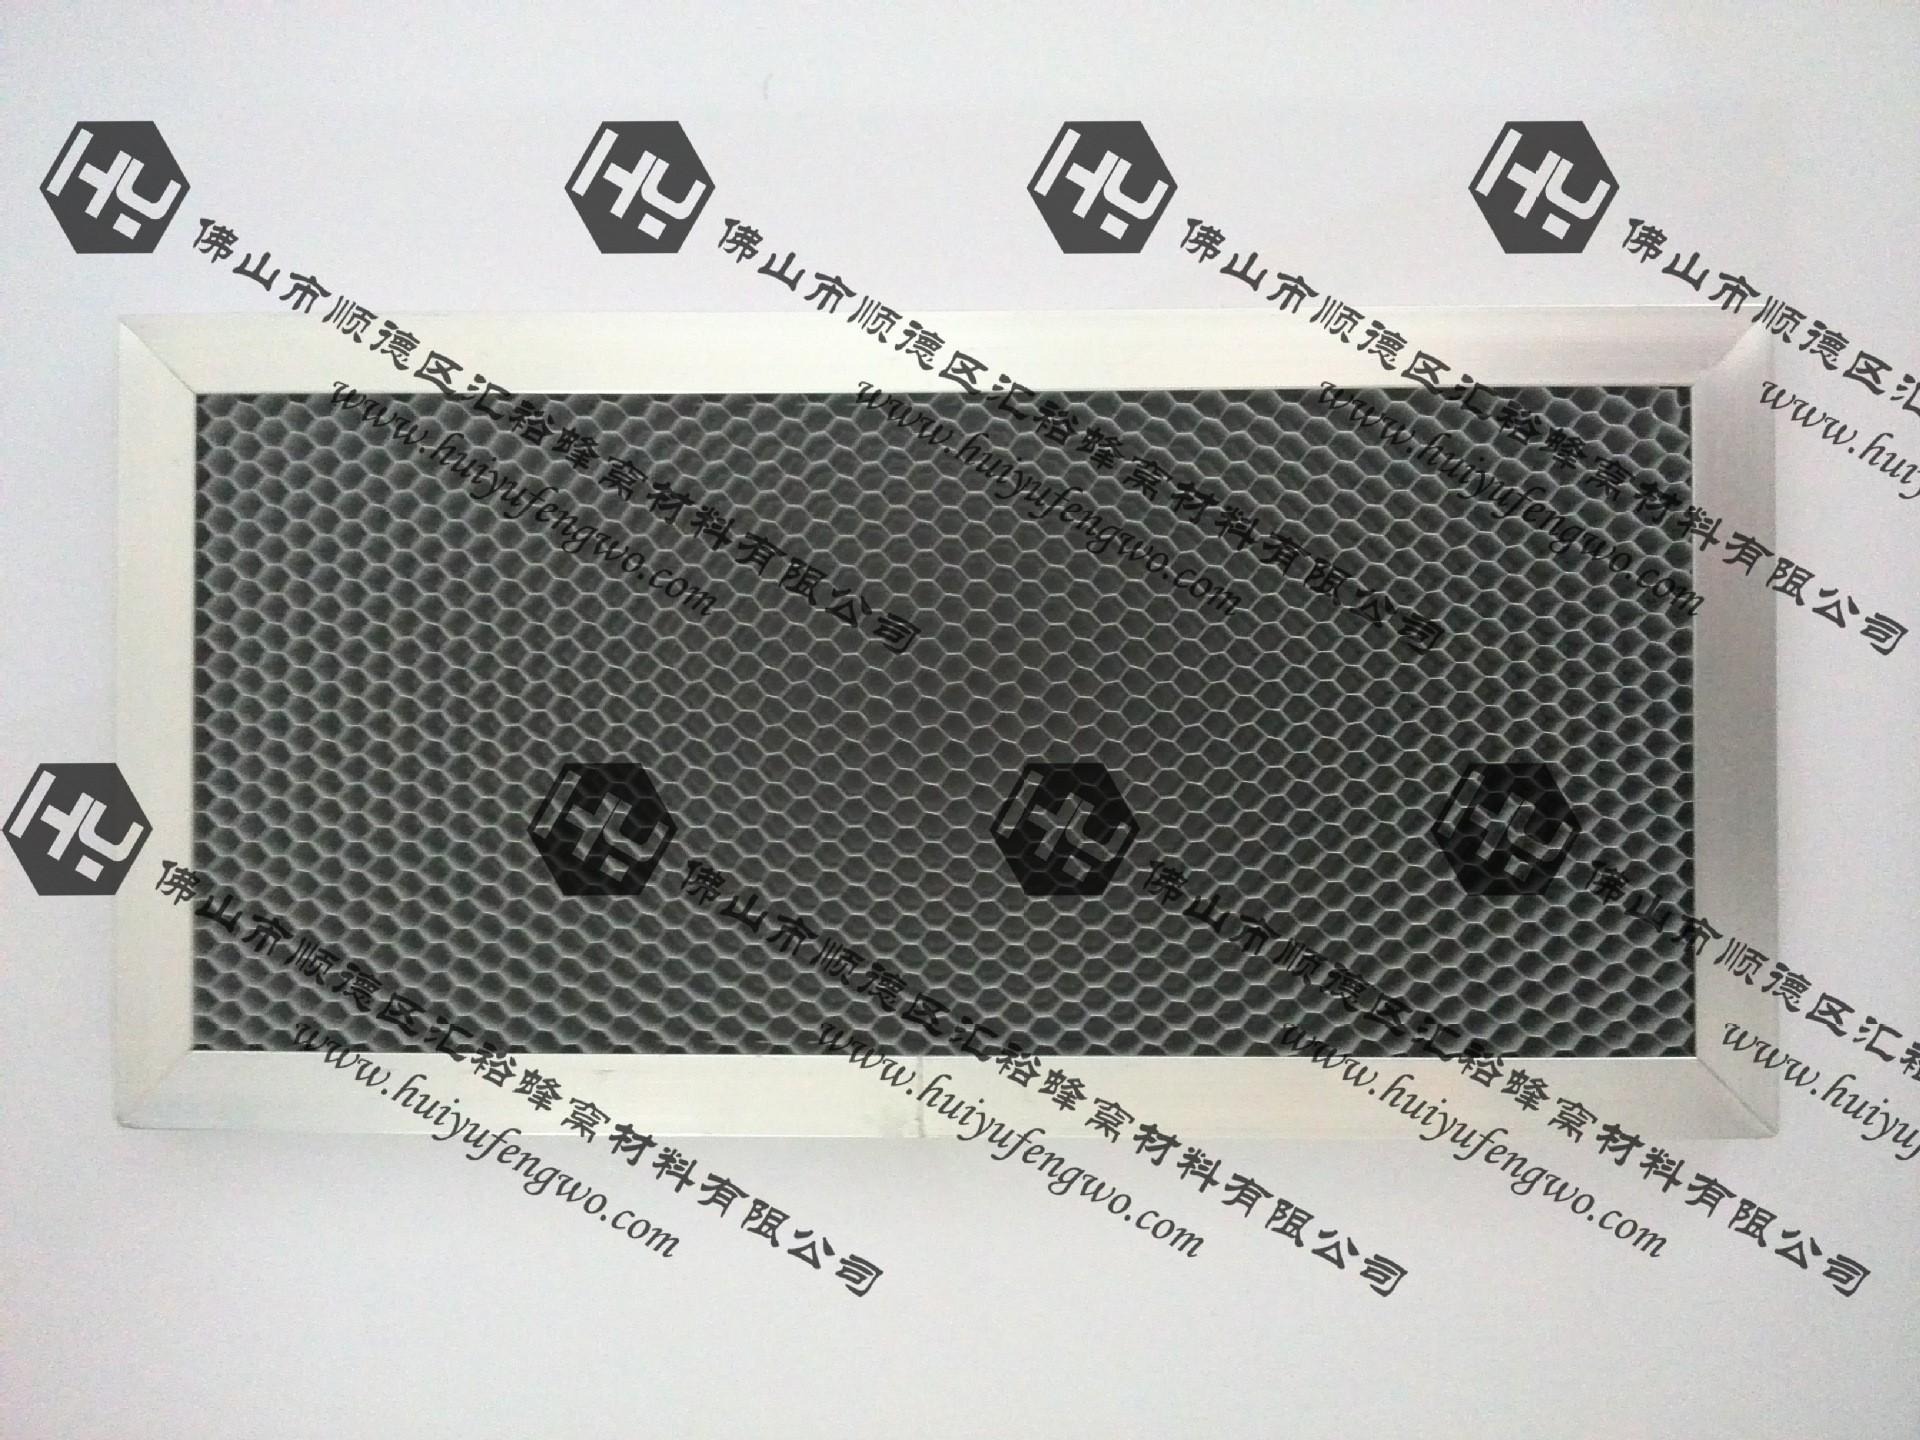 汇裕蜂窝-厂家直销-微孔-铝蜂窝-铝蜂窝芯-光触媒滤网-包框滤网